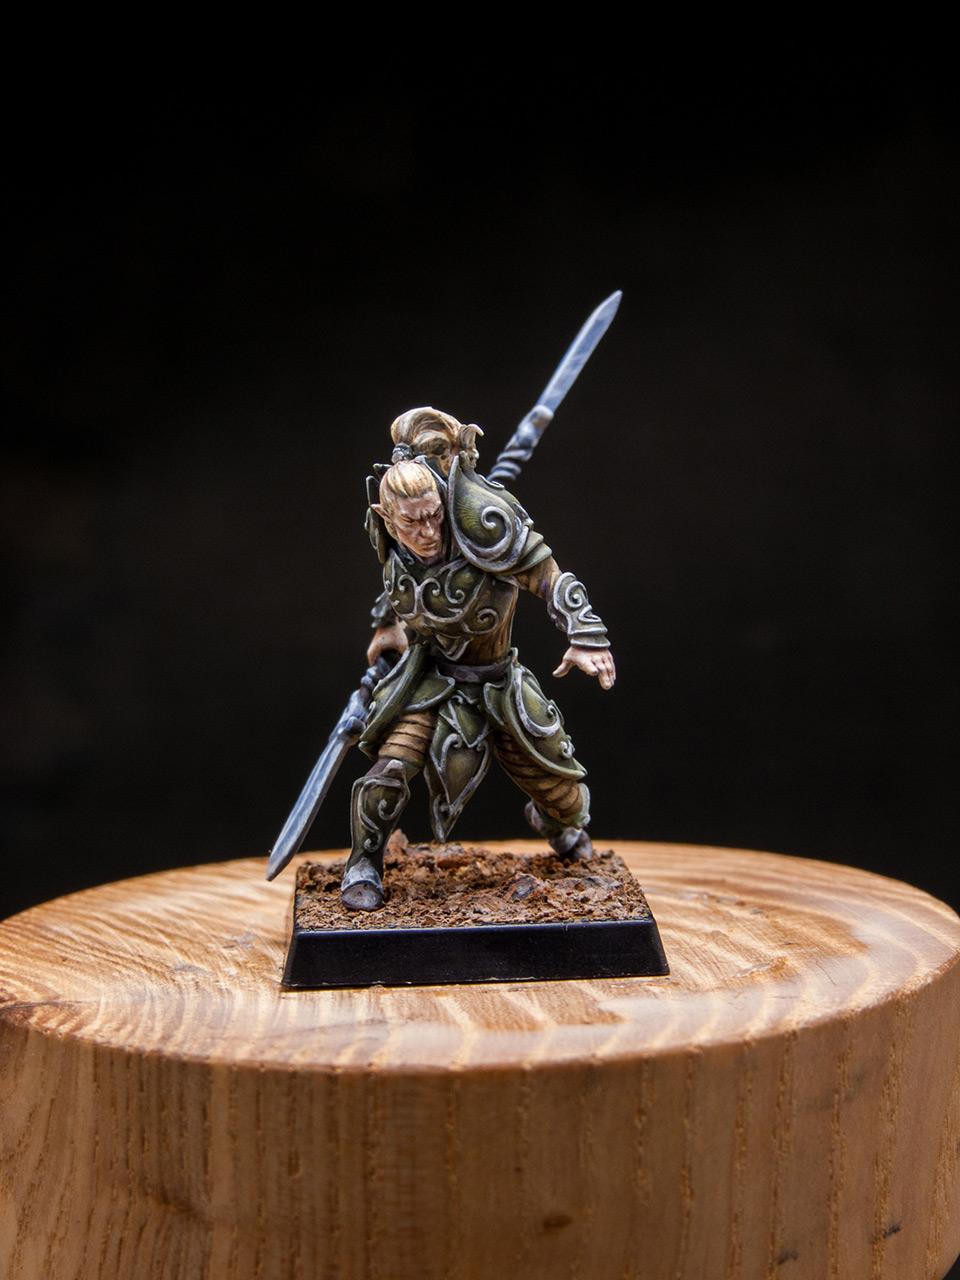 Разное: Эльфы Серебряной гвардии, фото #1